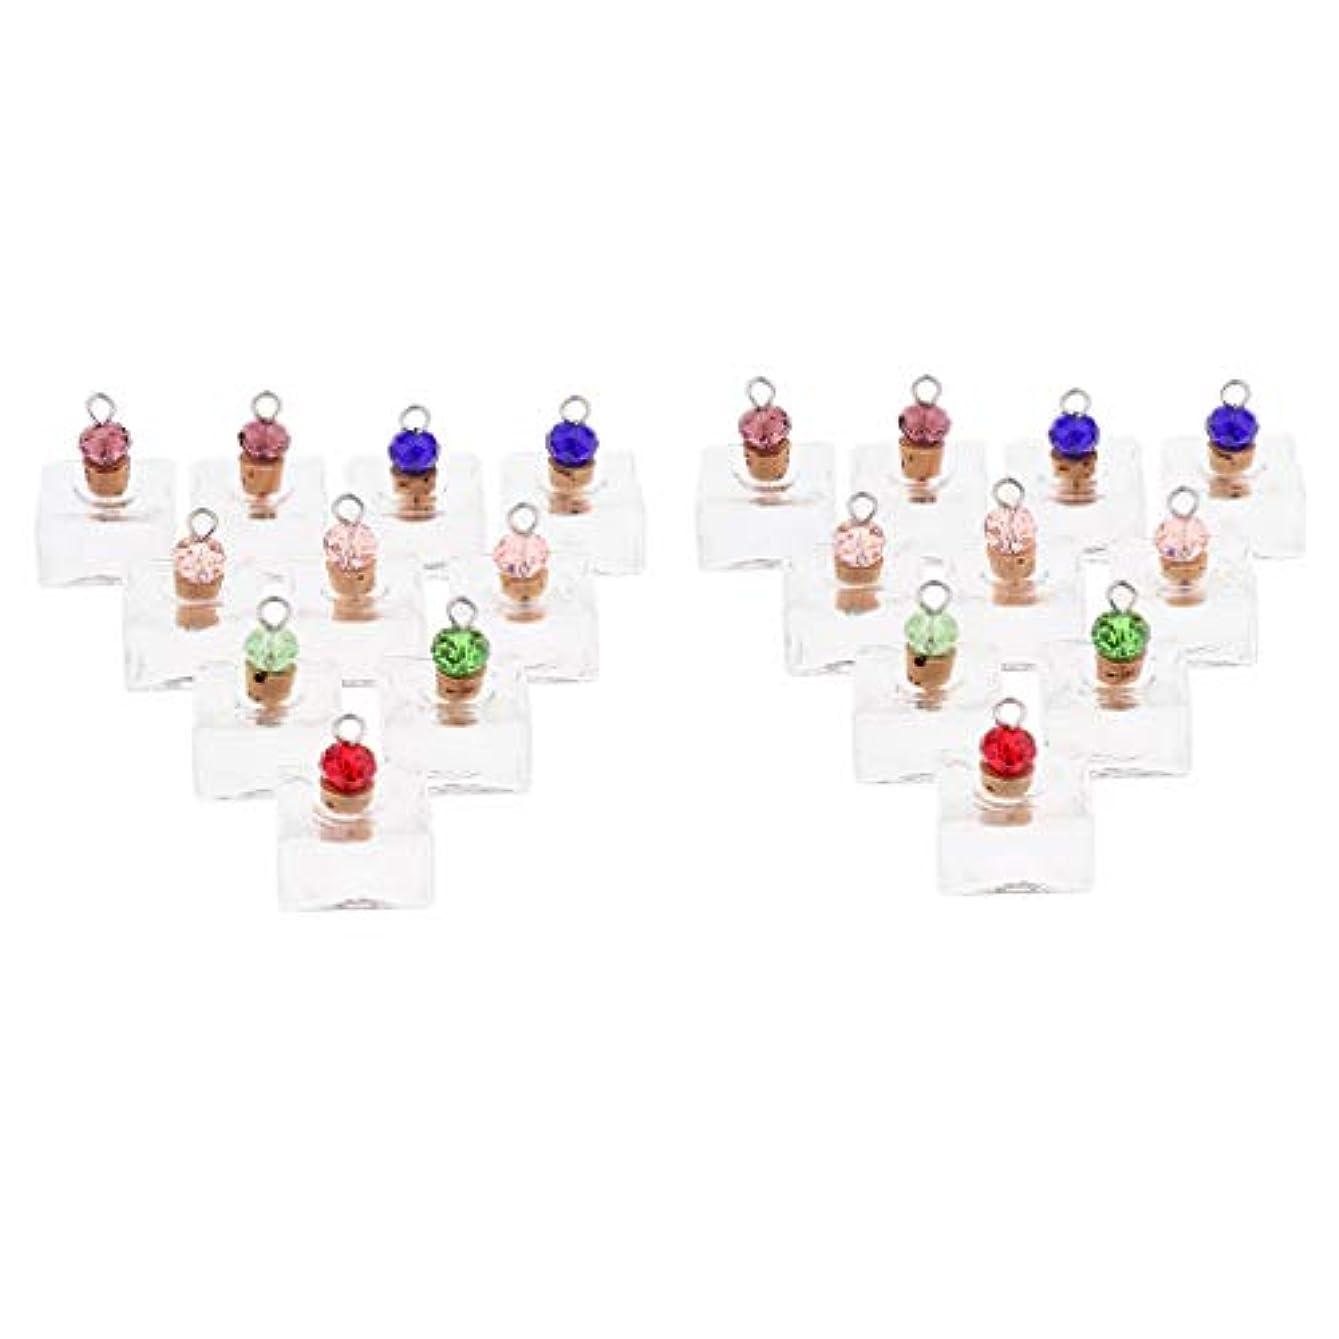 プレゼンター平らにする乱用香水 ペンダント ネックレス アロマ ガラス容器 香水瓶 ボトル エッセンシャルオイル